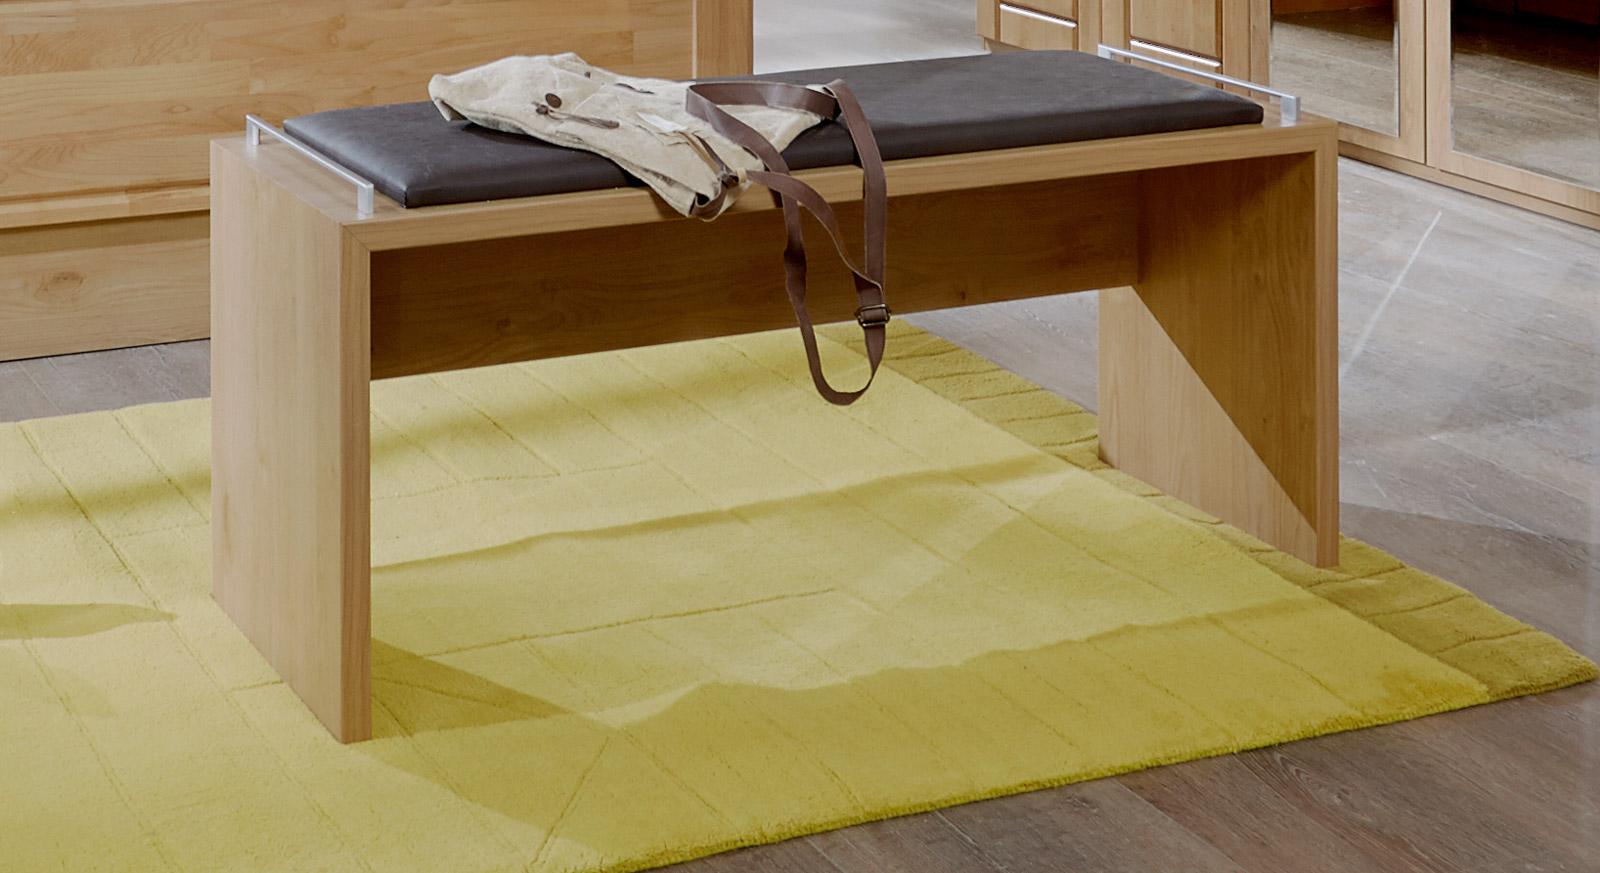 Bettbank Trikomo bietet eine angenehme Sitzhöhe